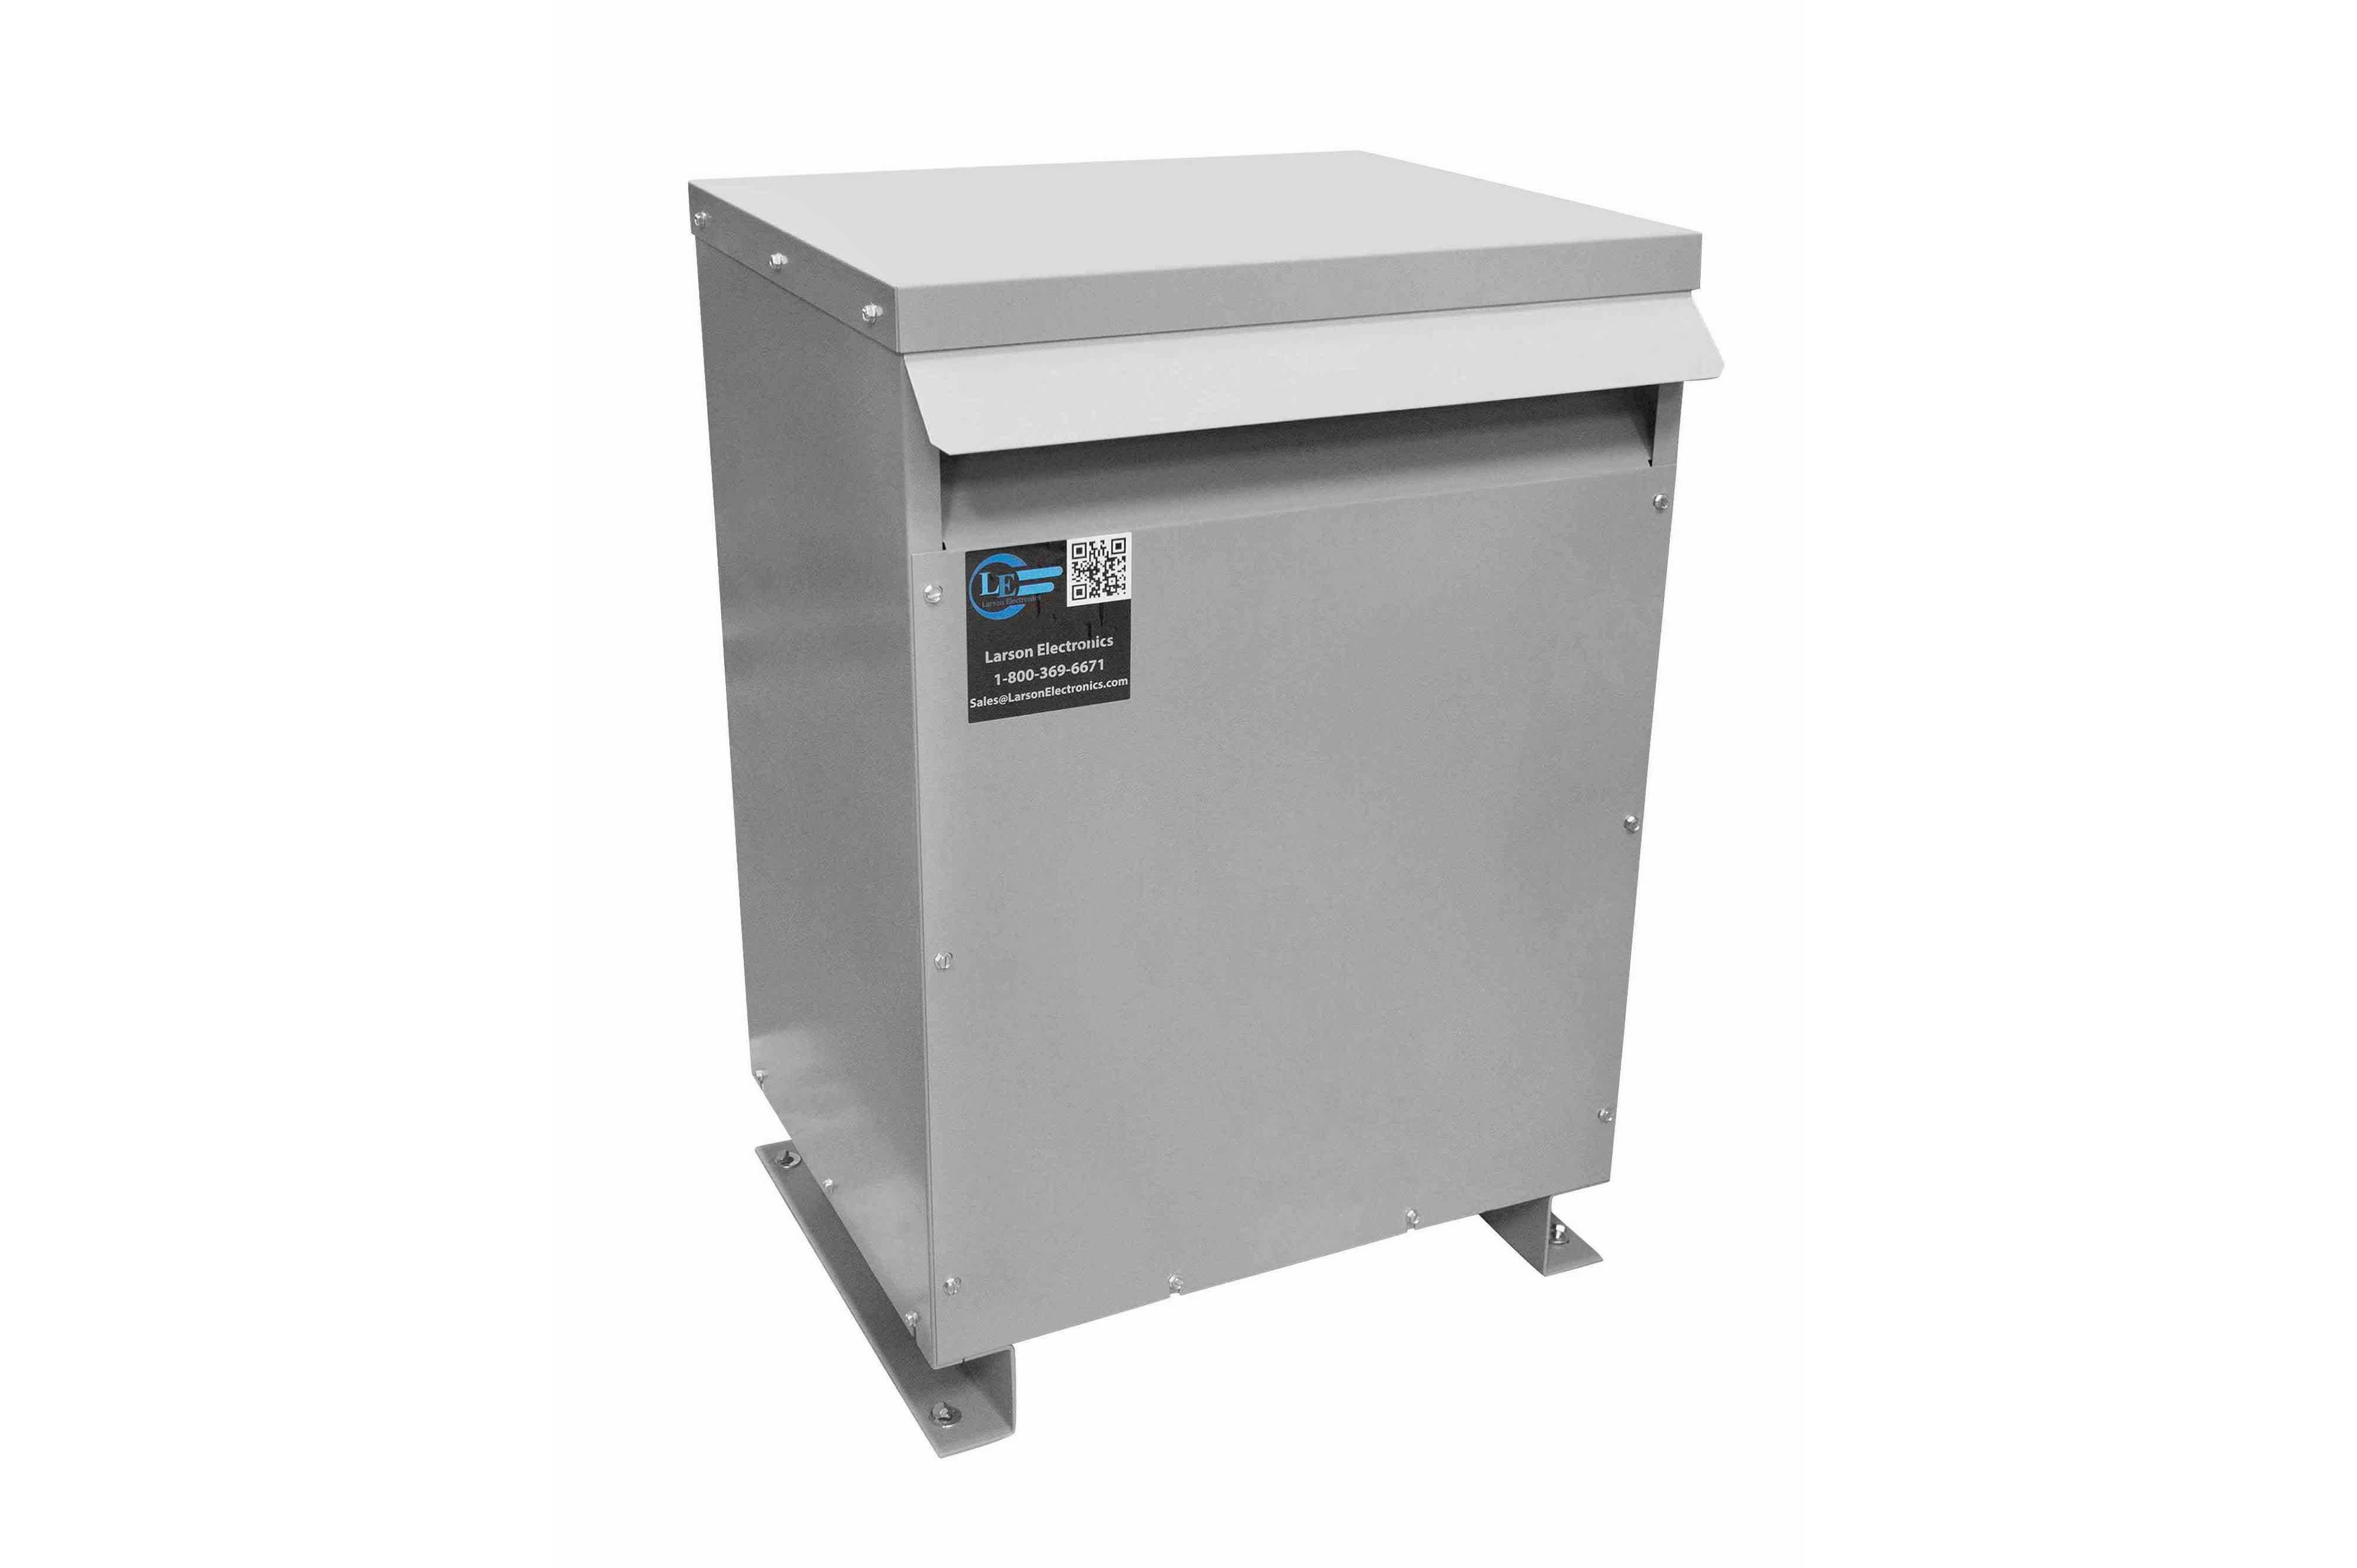 52.5 kVA 3PH Isolation Transformer, 460V Delta Primary, 400V Delta Secondary, N3R, Ventilated, 60 Hz